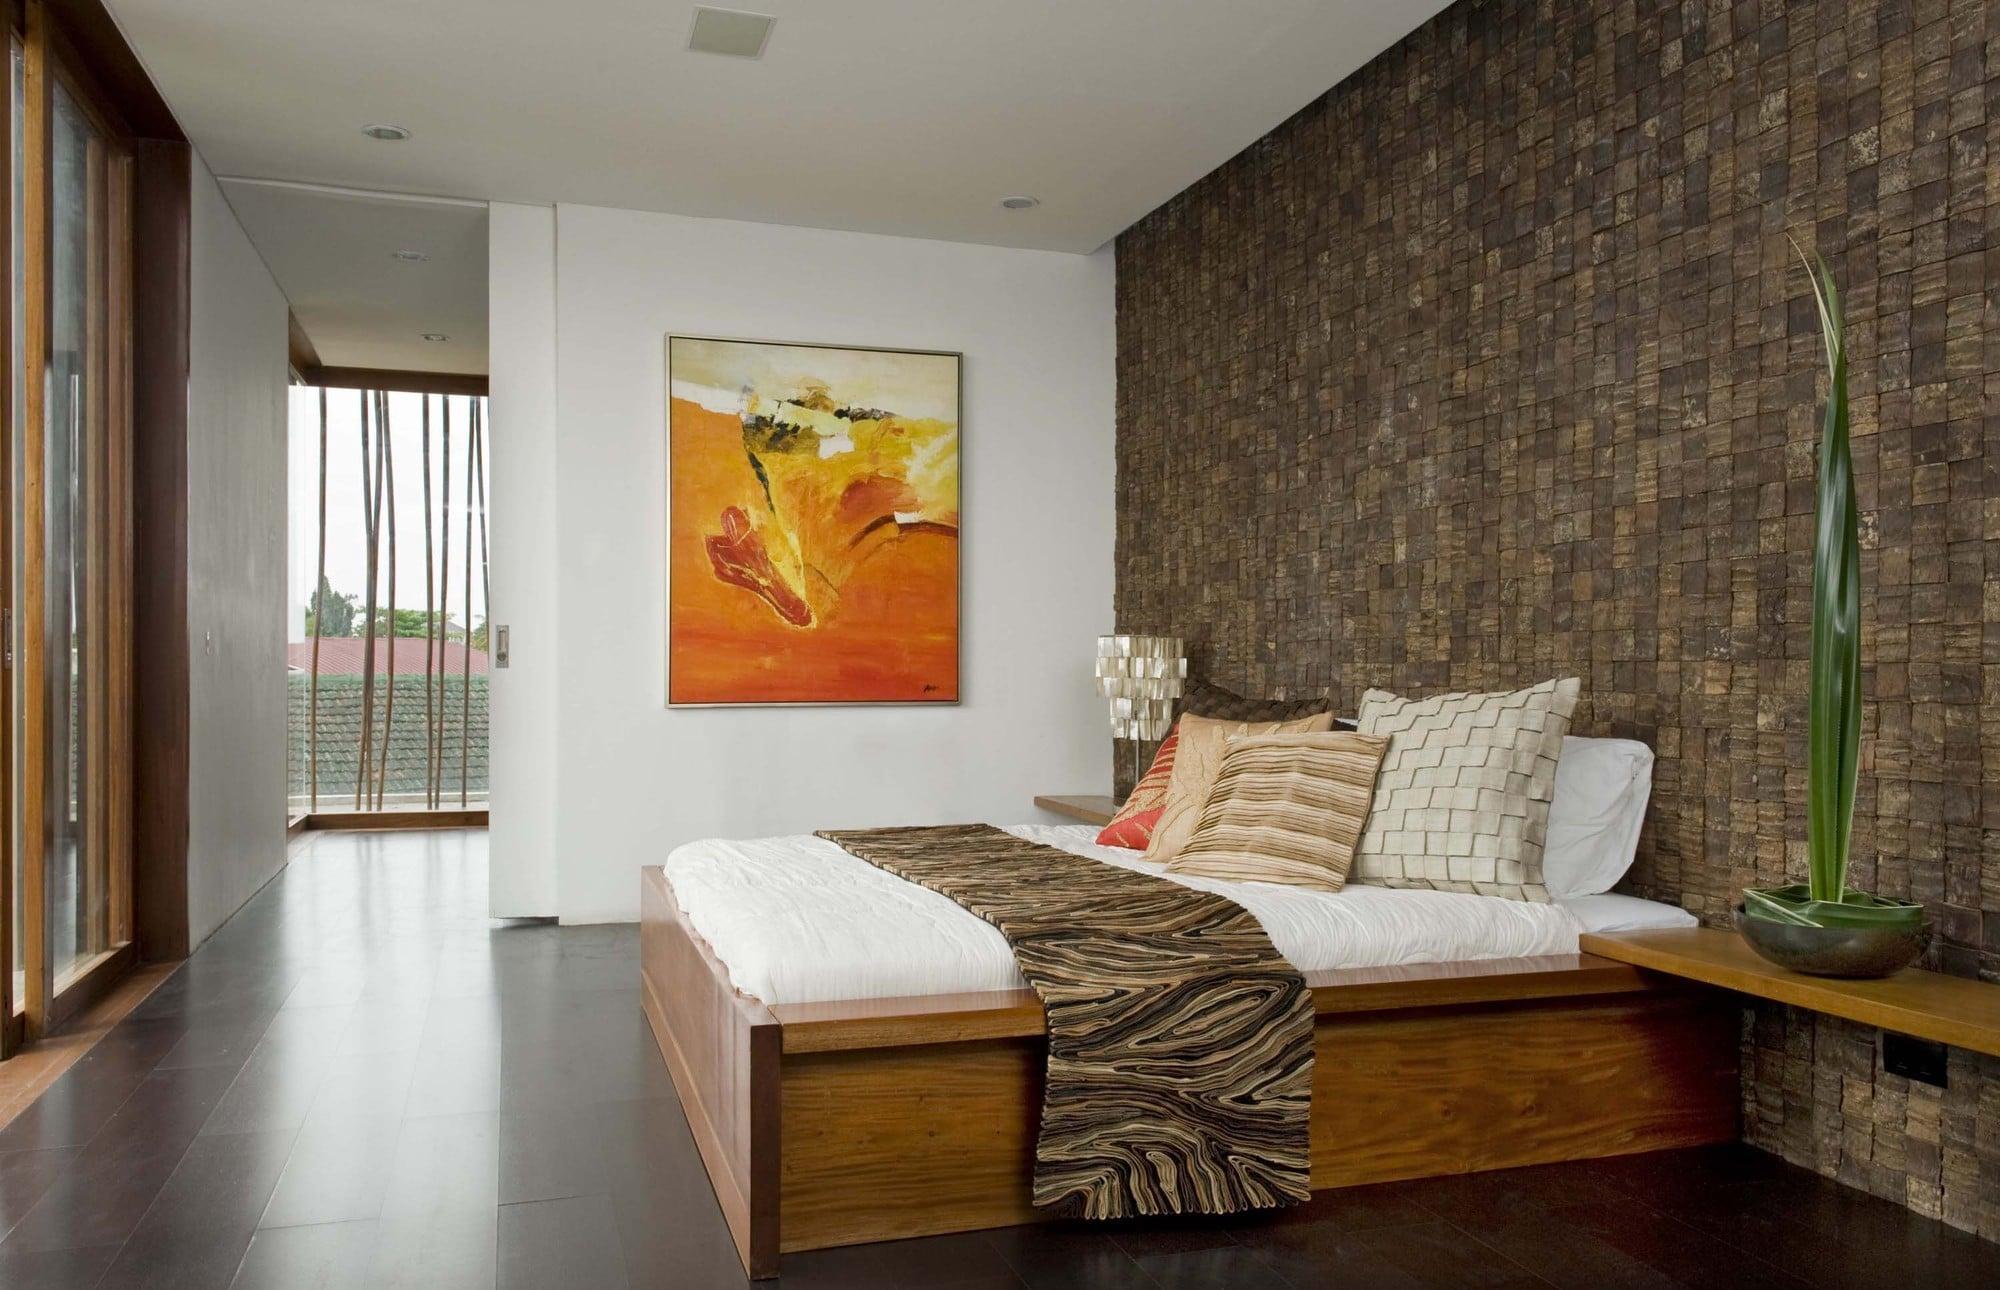 Dise o de casa r stica fachada interiores y planos - Como decorar una habitacion rustica ...